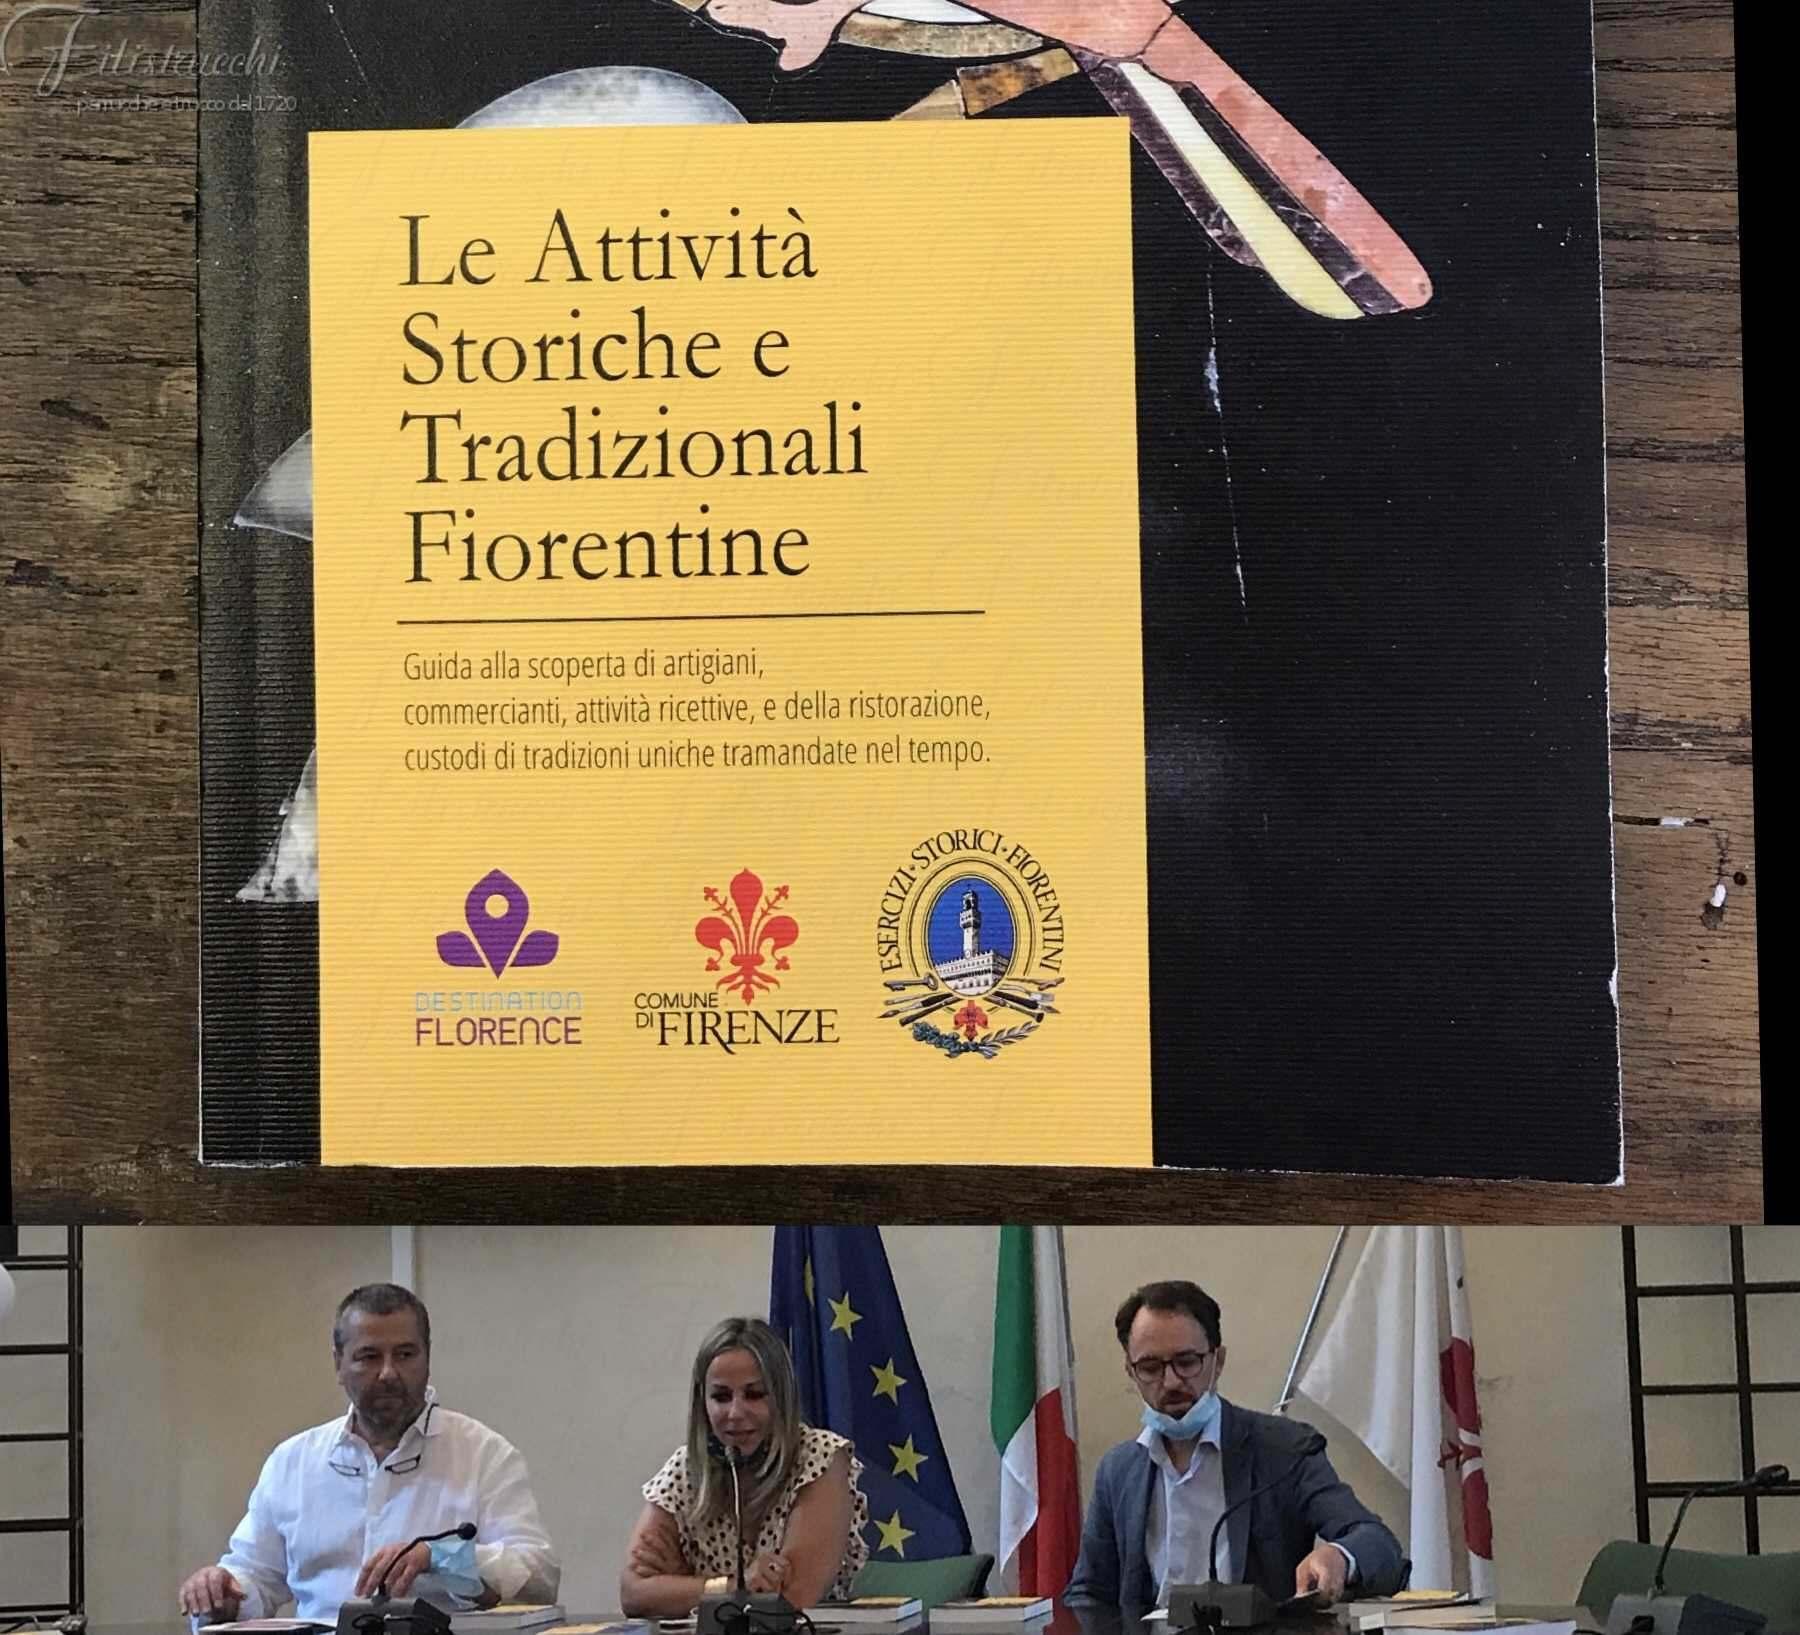 La Guida alla scoperta delle Attività Storiche Tradizionali Fiorentine